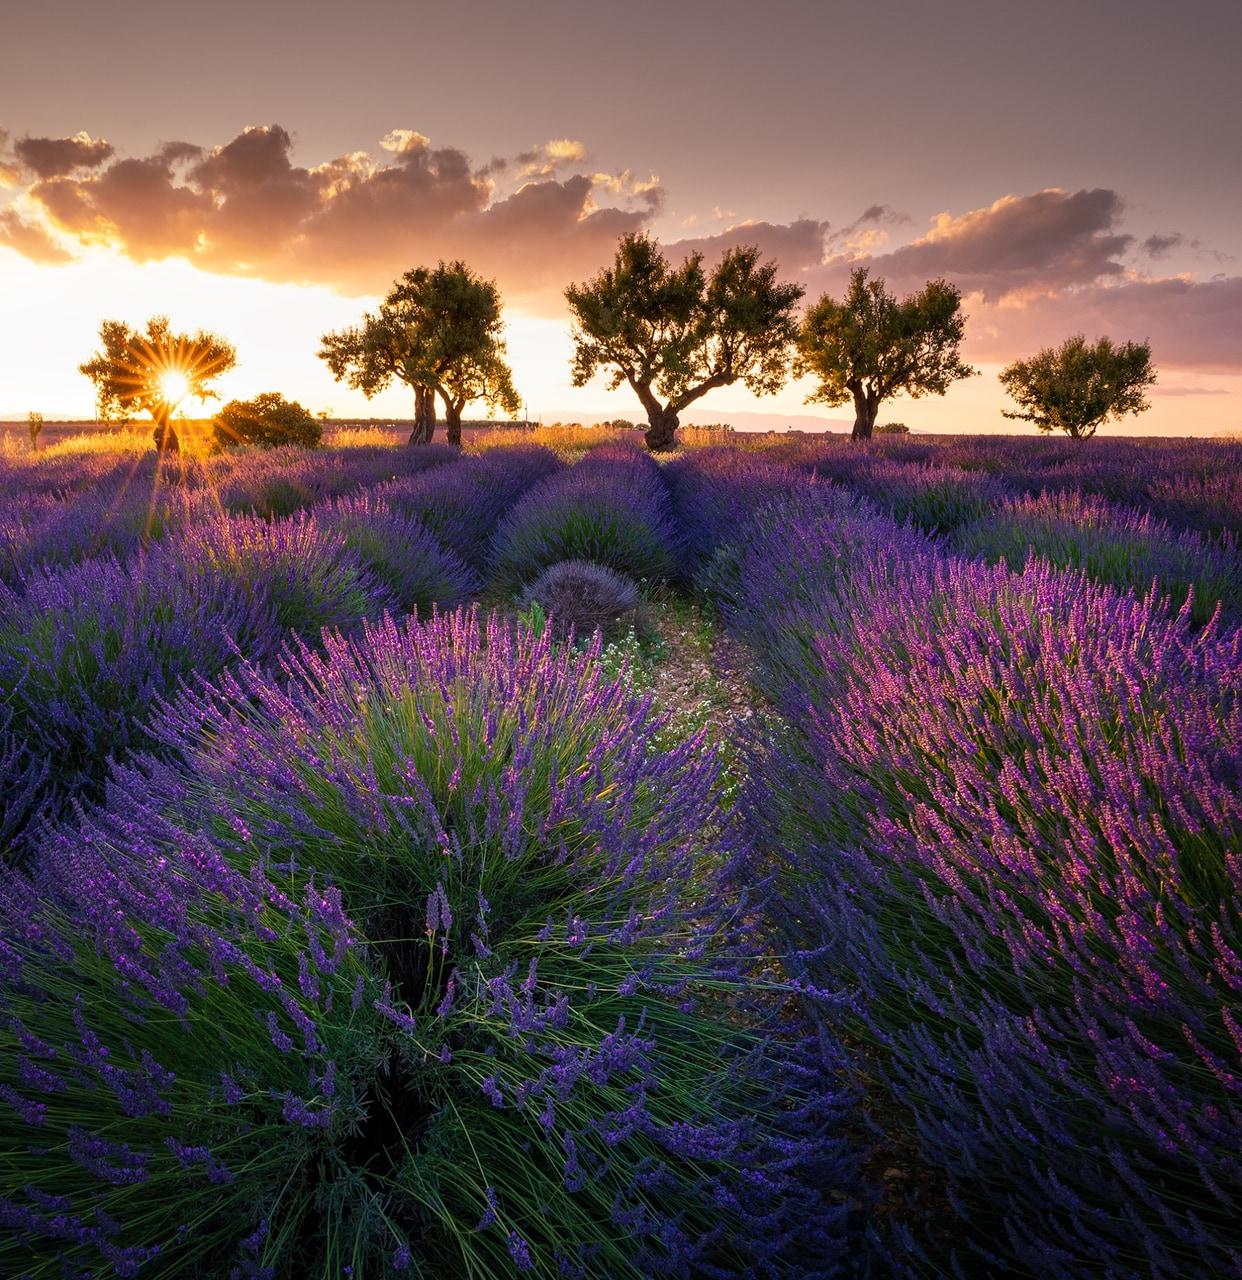 blooming lavender image